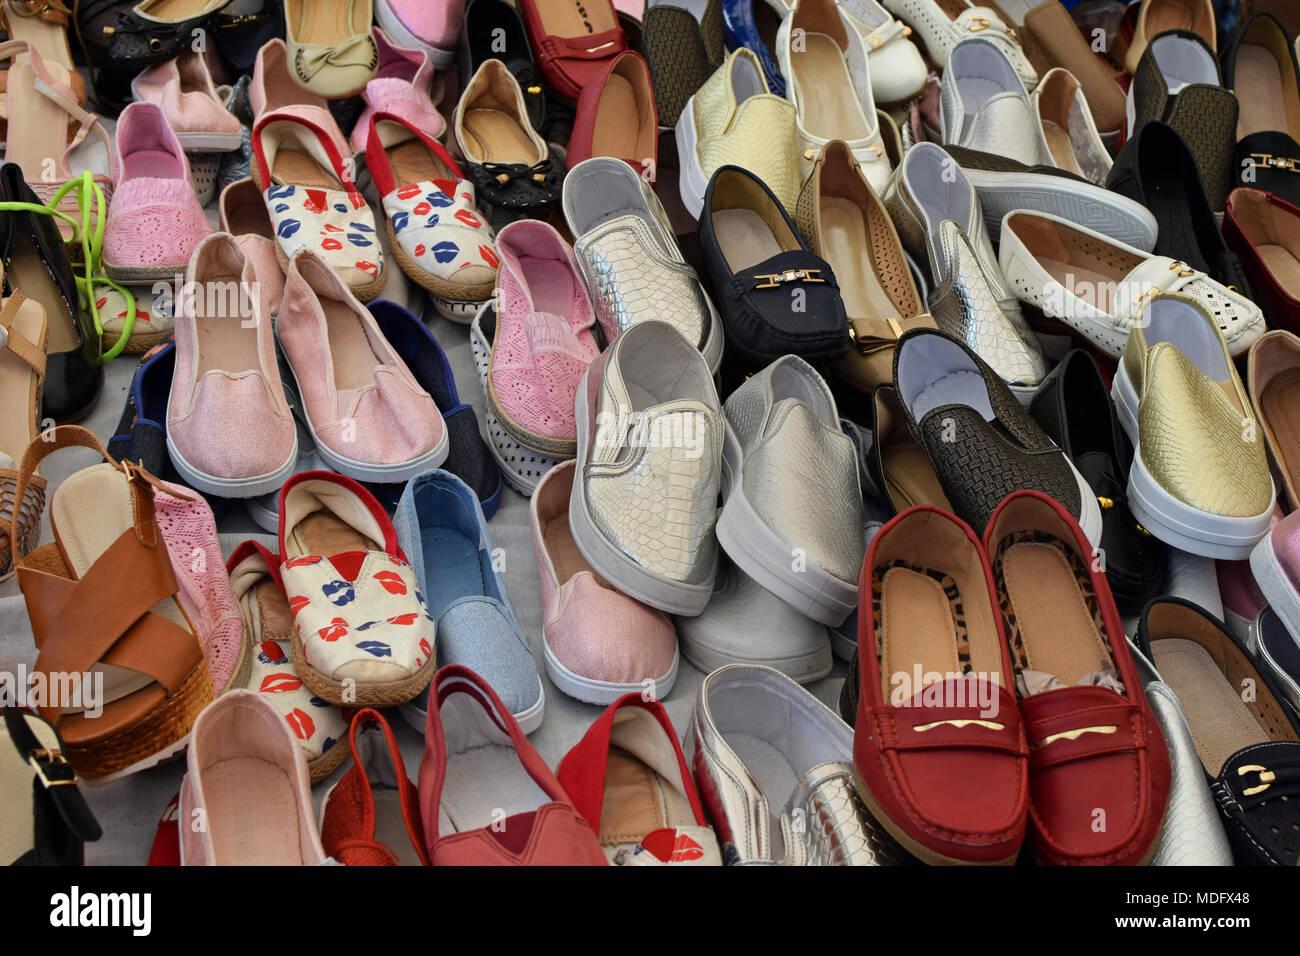 46abab8fad1 Mocasines de mujeres zapatos para la venta en el mercado de la calle. Calzado  casual.